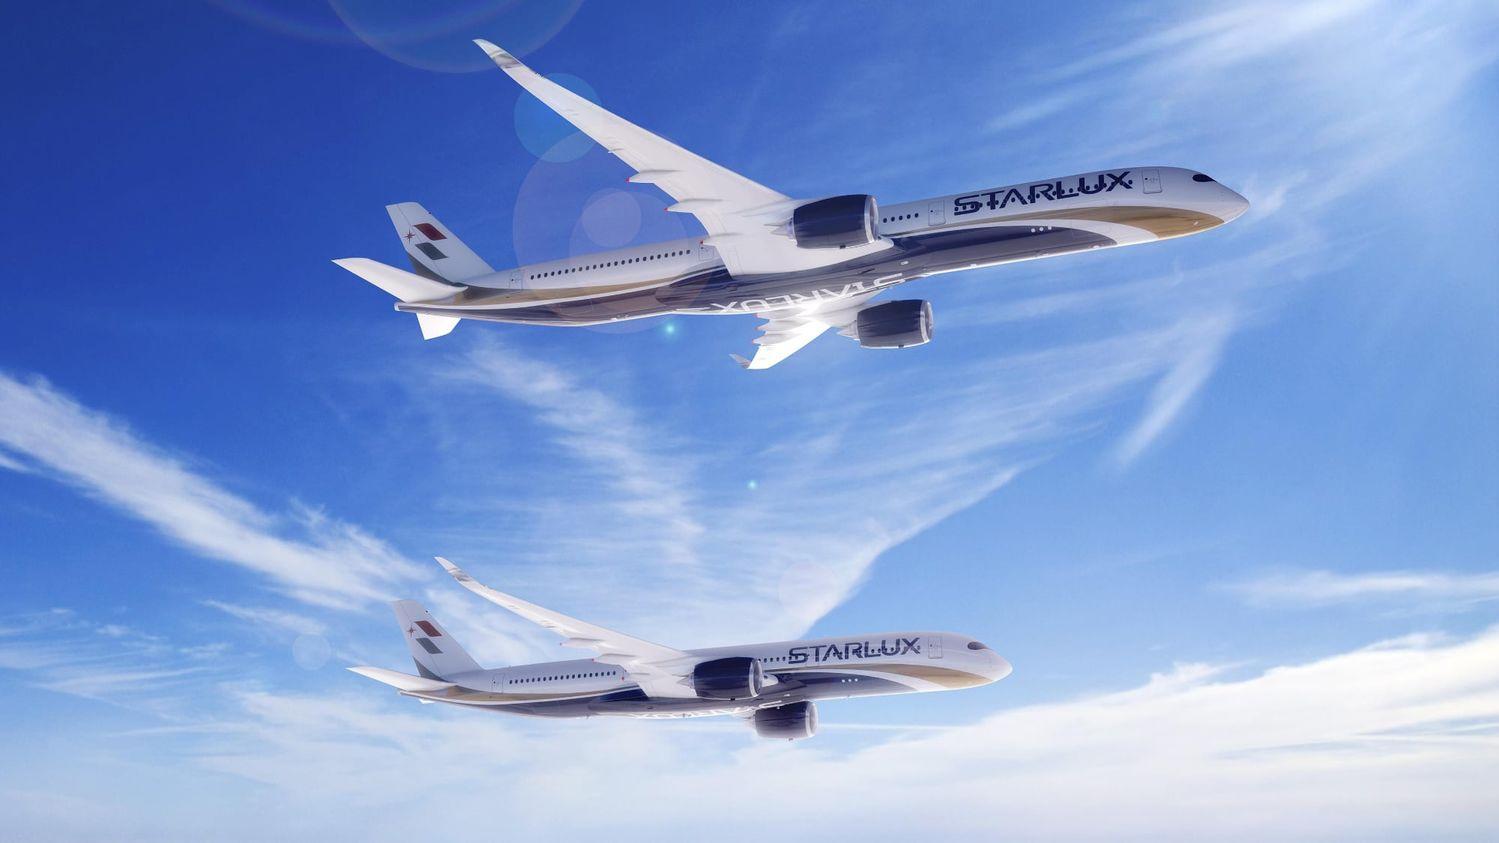 星宇航空2021下半年計劃飛往新加坡、馬尼拉